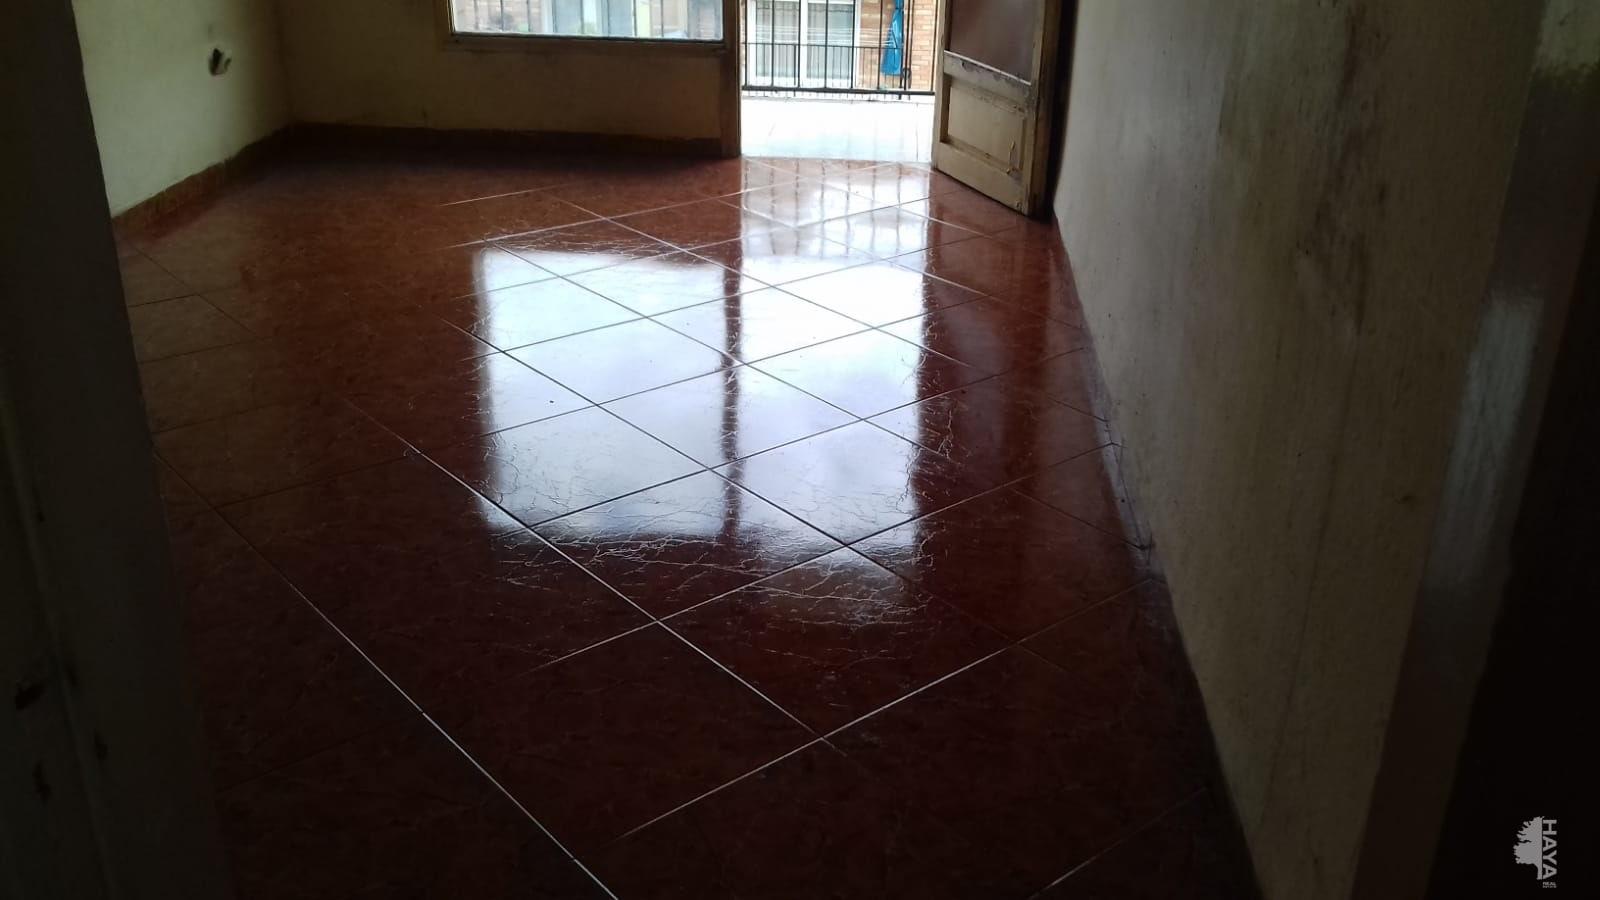 Piso en venta en Palau, Salt, Girona, Calle Montseny, 61.992 €, 3 habitaciones, 1 baño, 76 m2